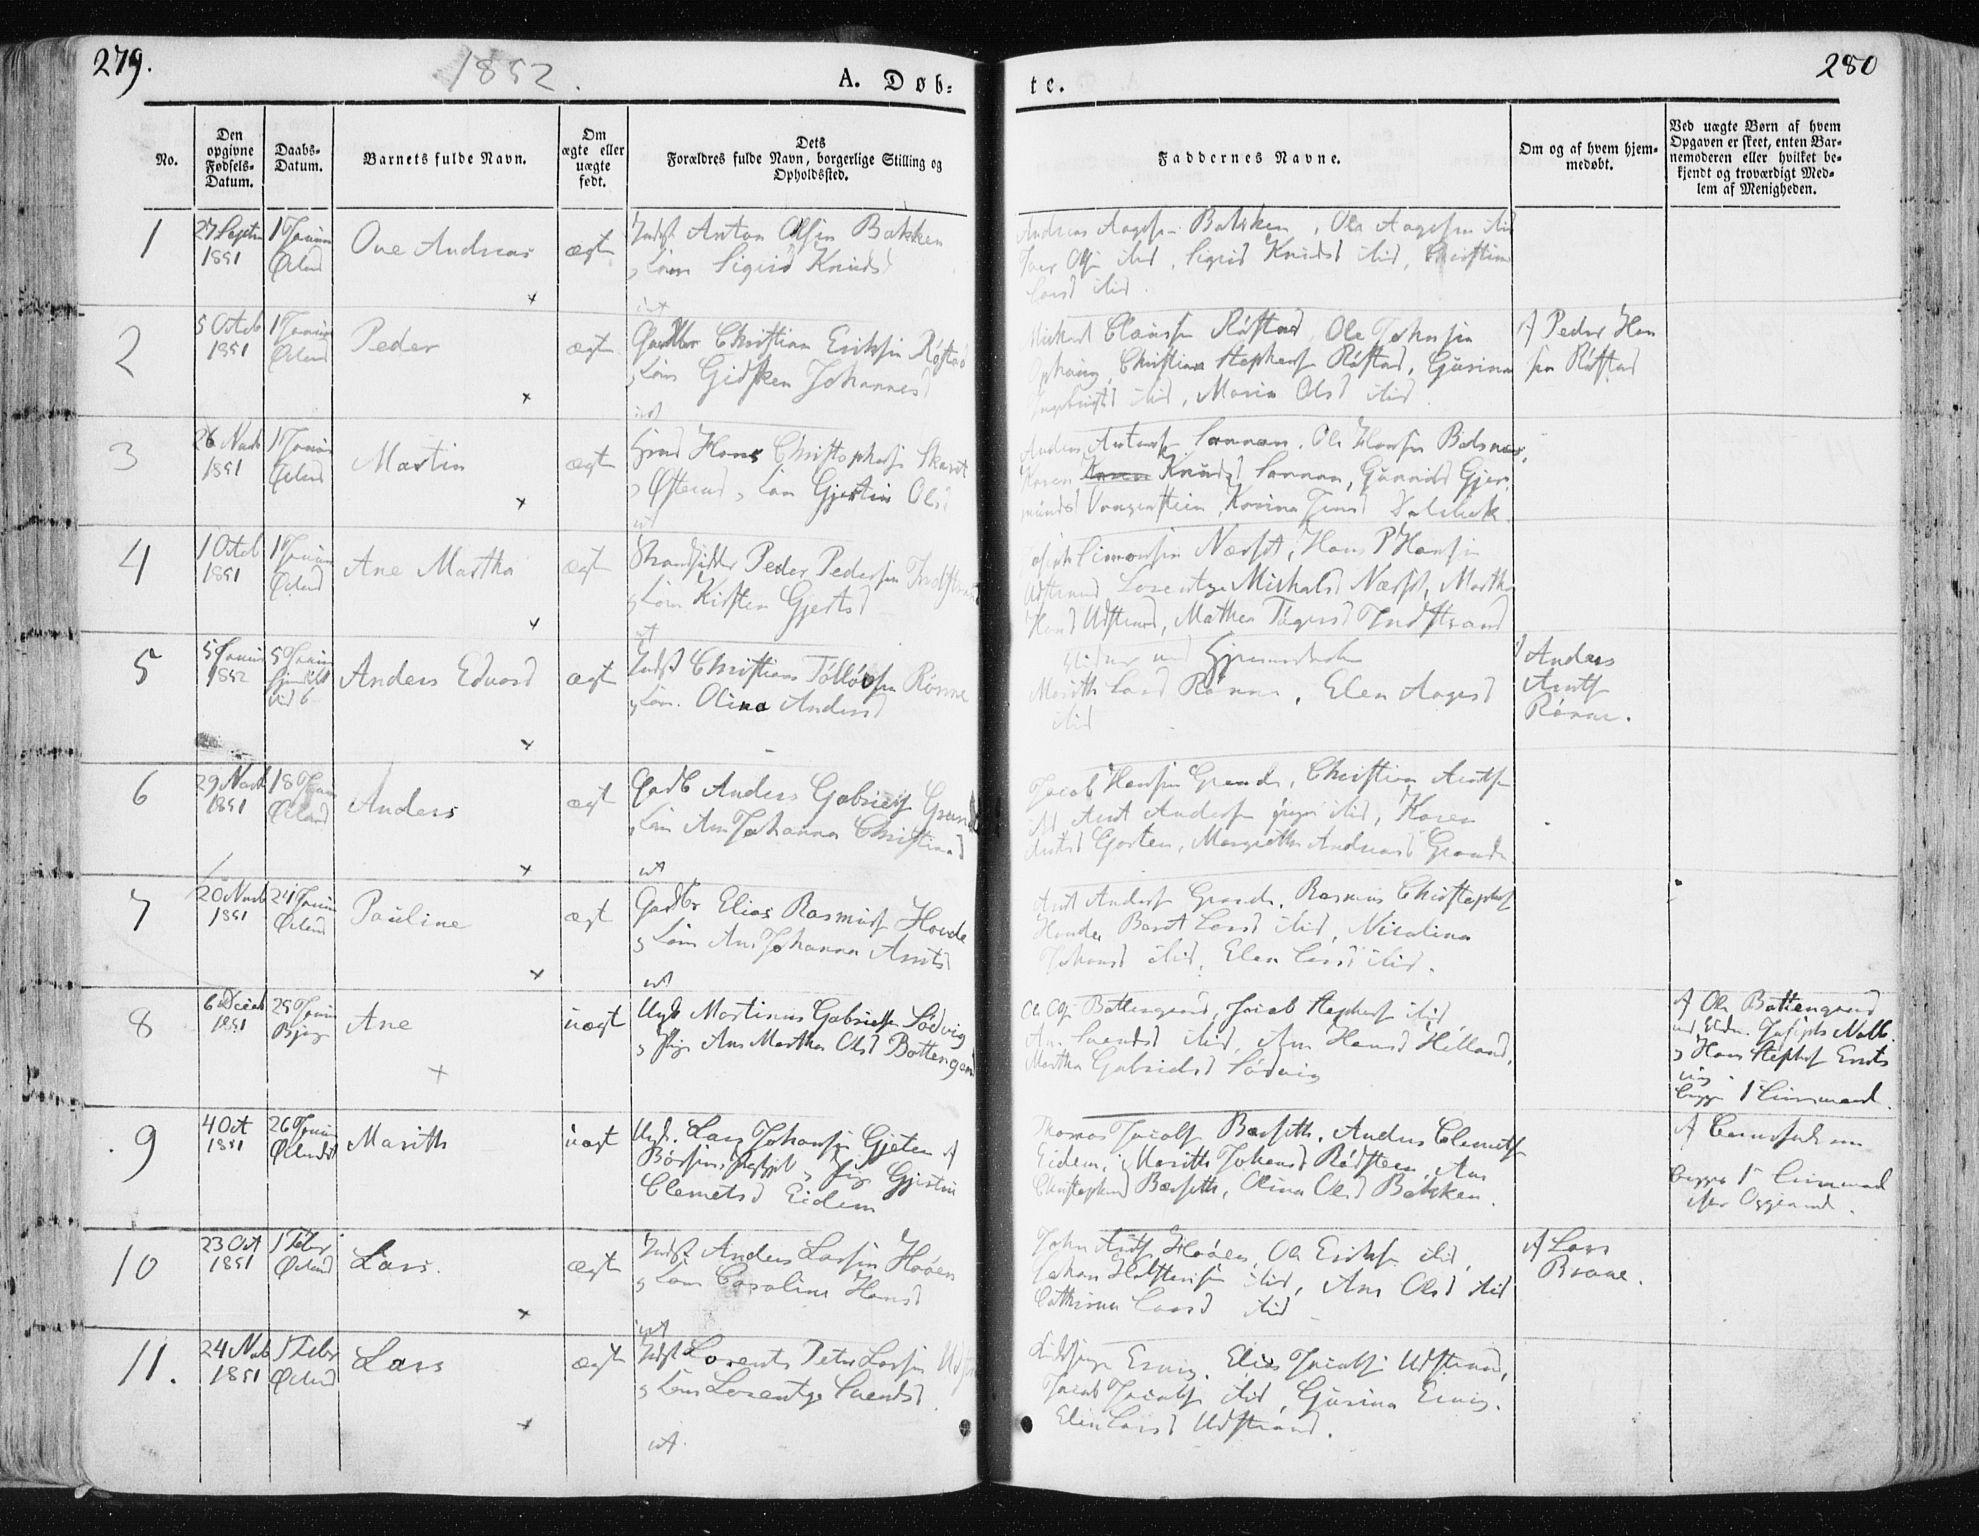 SAT, Ministerialprotokoller, klokkerbøker og fødselsregistre - Sør-Trøndelag, 659/L0736: Ministerialbok nr. 659A06, 1842-1856, s. 279-280